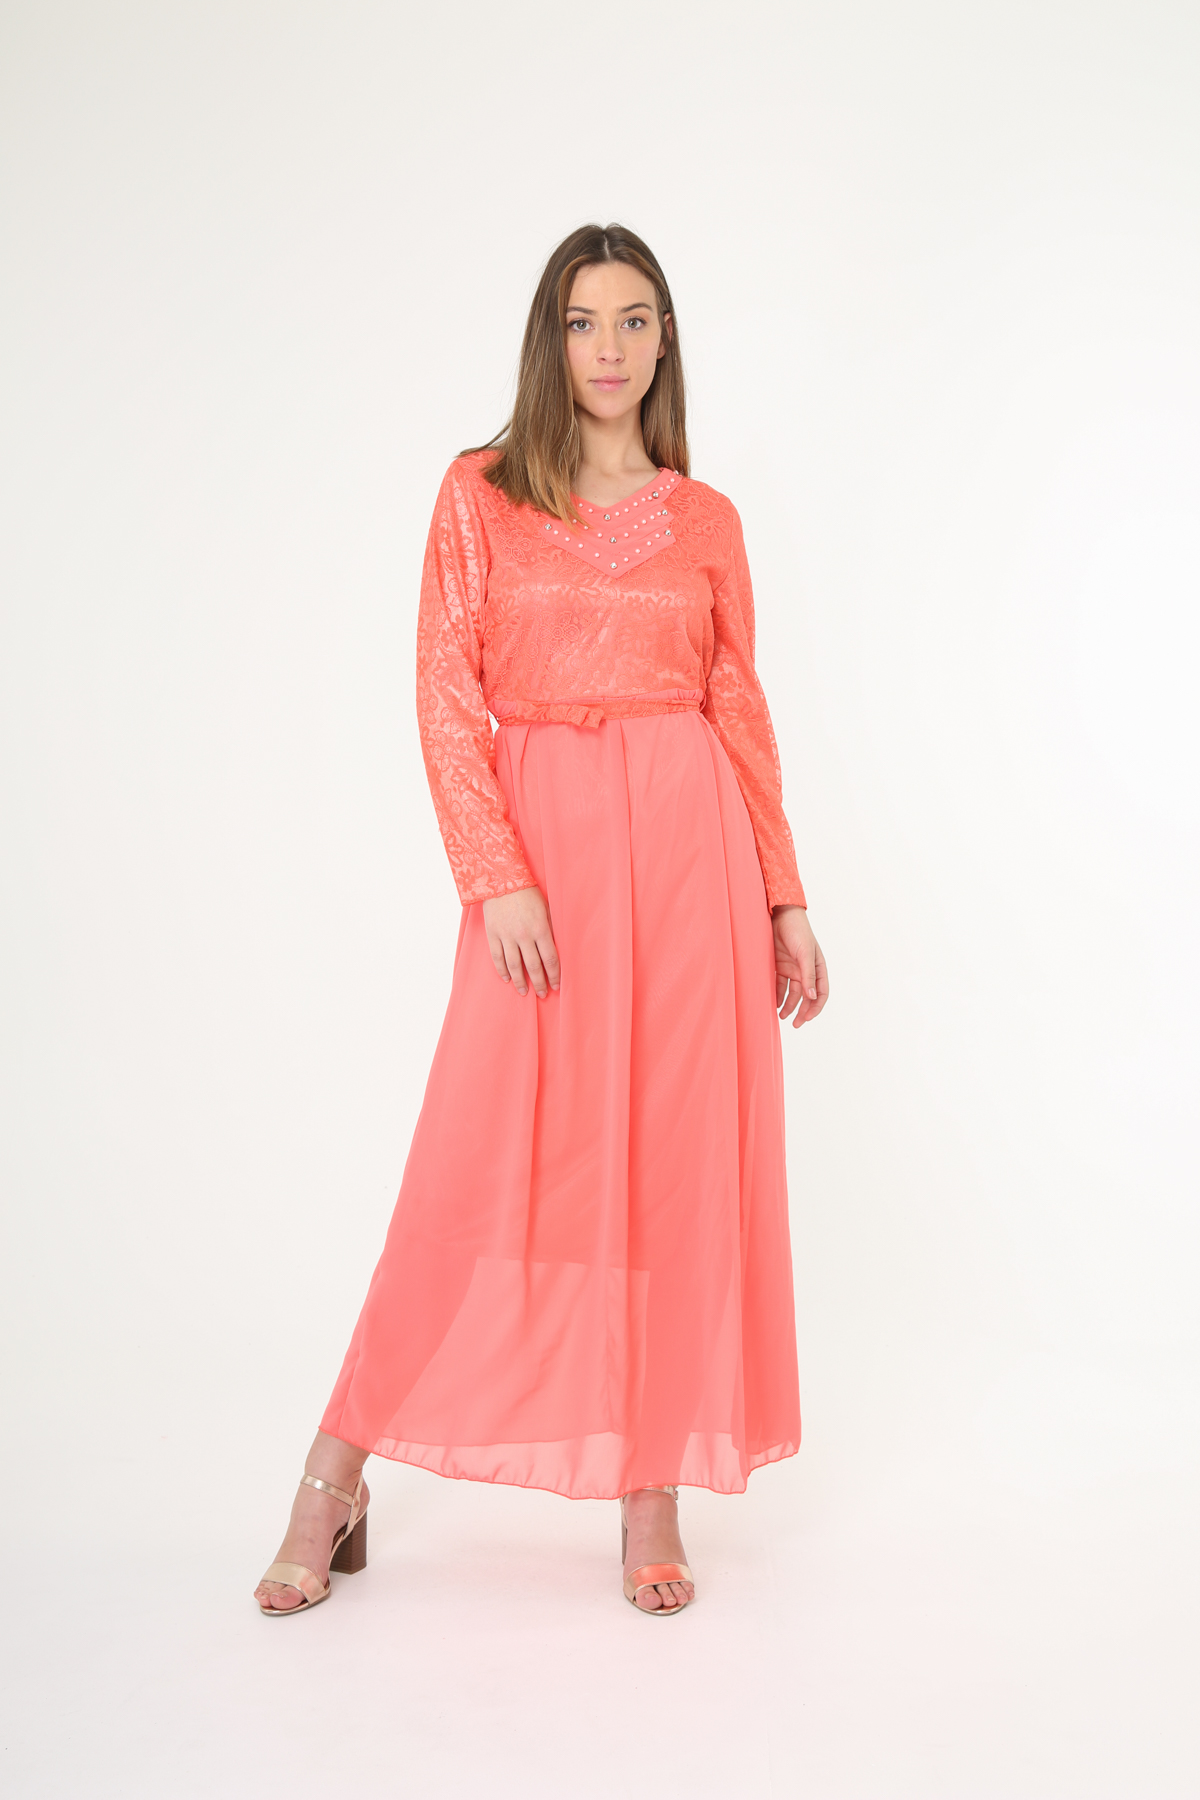 Robes longues Femme Couleurs mélangées Nova Fashion 8962 #c eFashion Paris